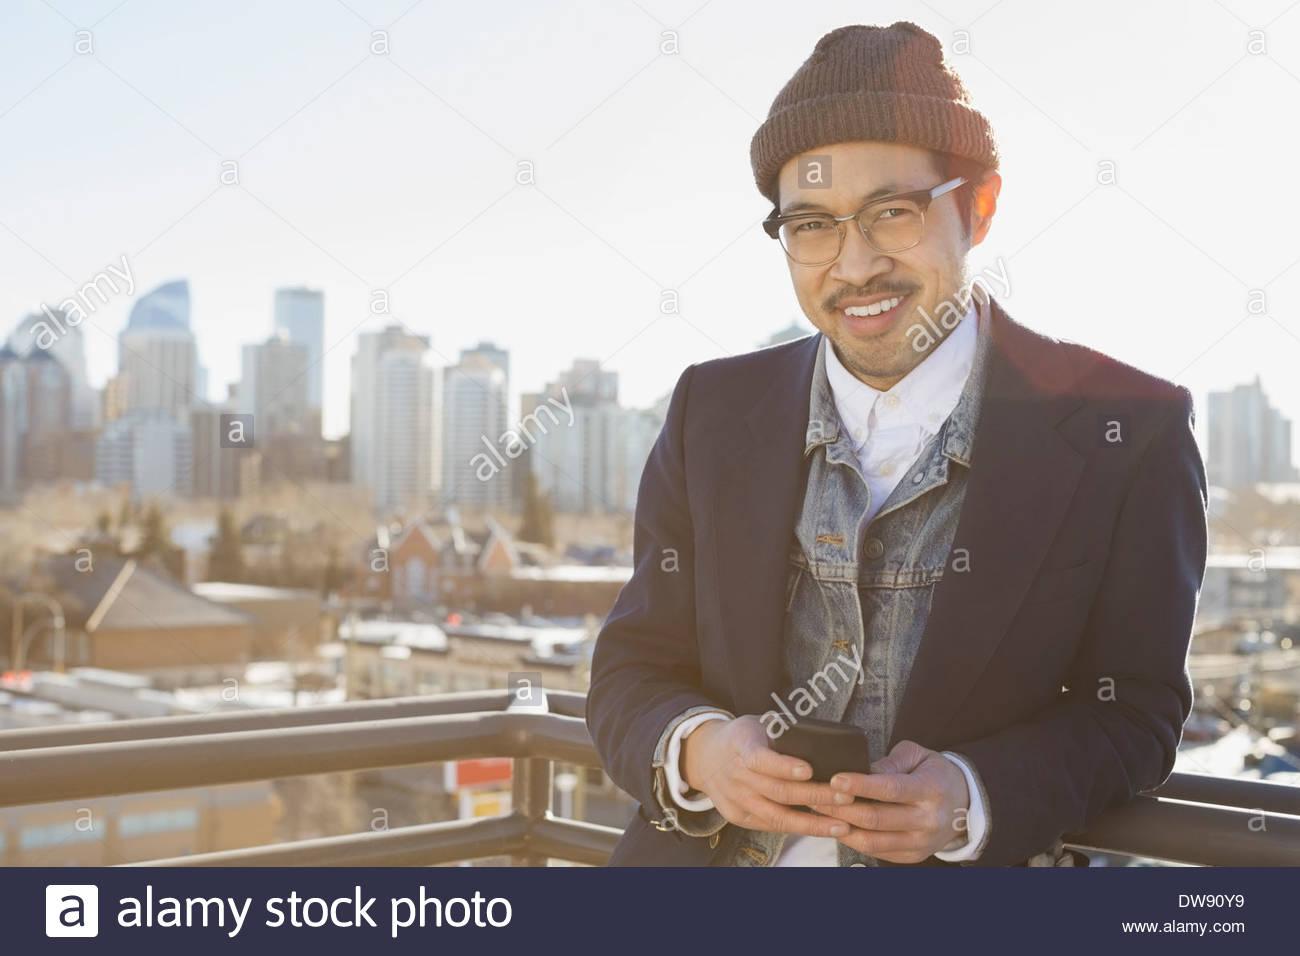 Retrato de hombre con smart phone en el exterior contra el paisaje urbano Imagen De Stock